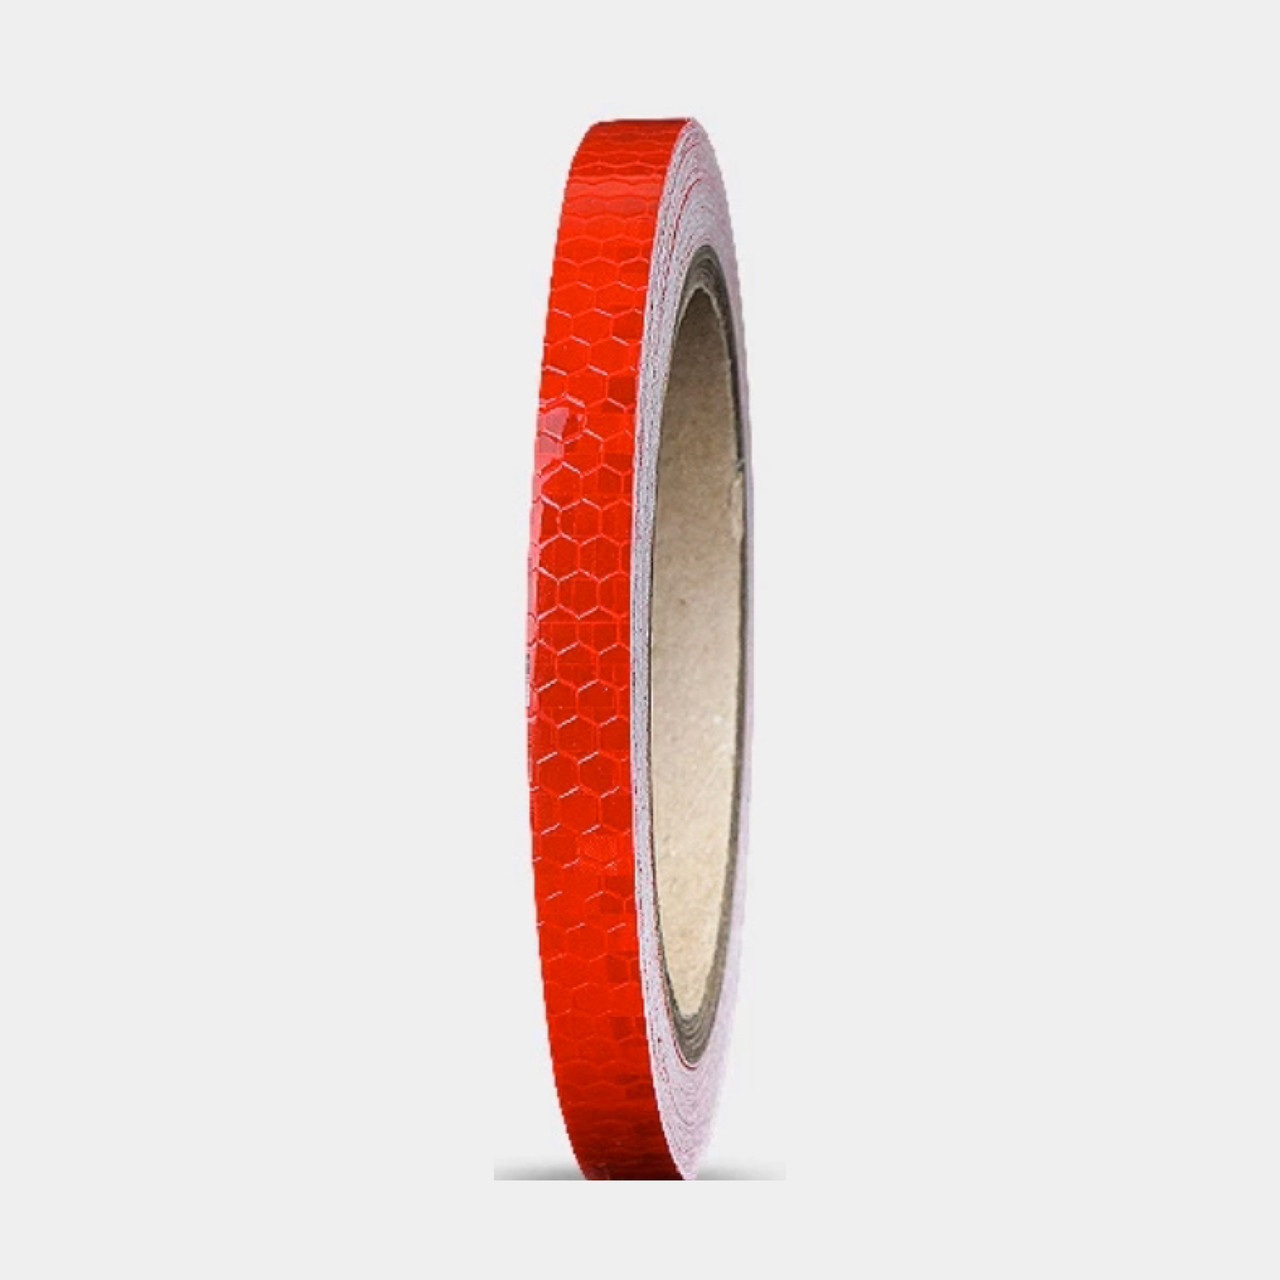 Универсальная светоотражающая самоклеющаяся лента для контурной маркировки транспорта (красный цвет) 1 м